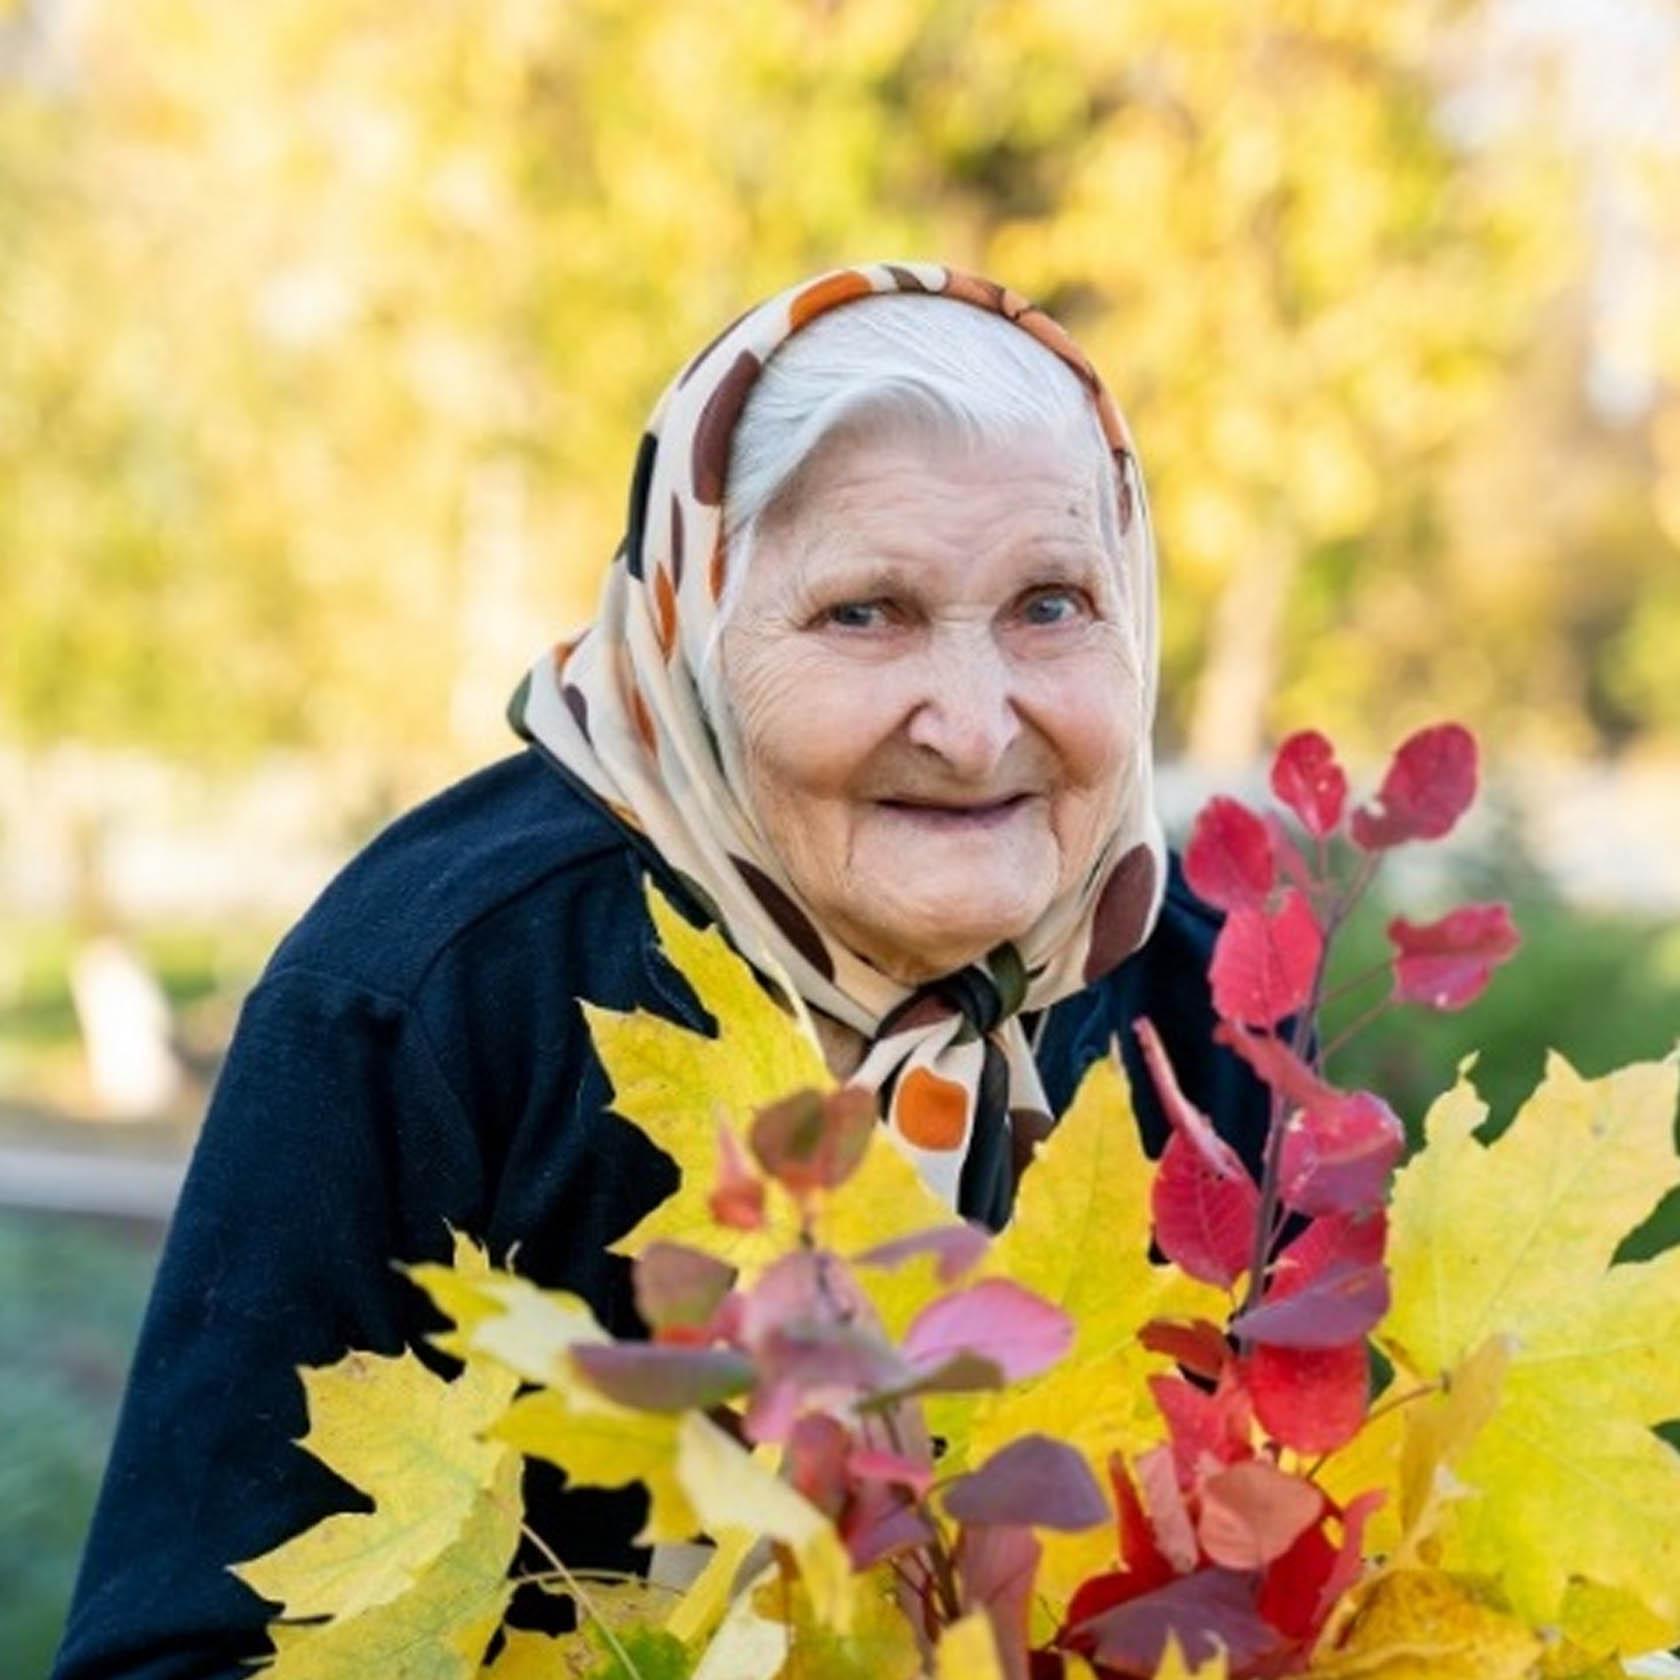 Возраст пожилой – золотое время жизни